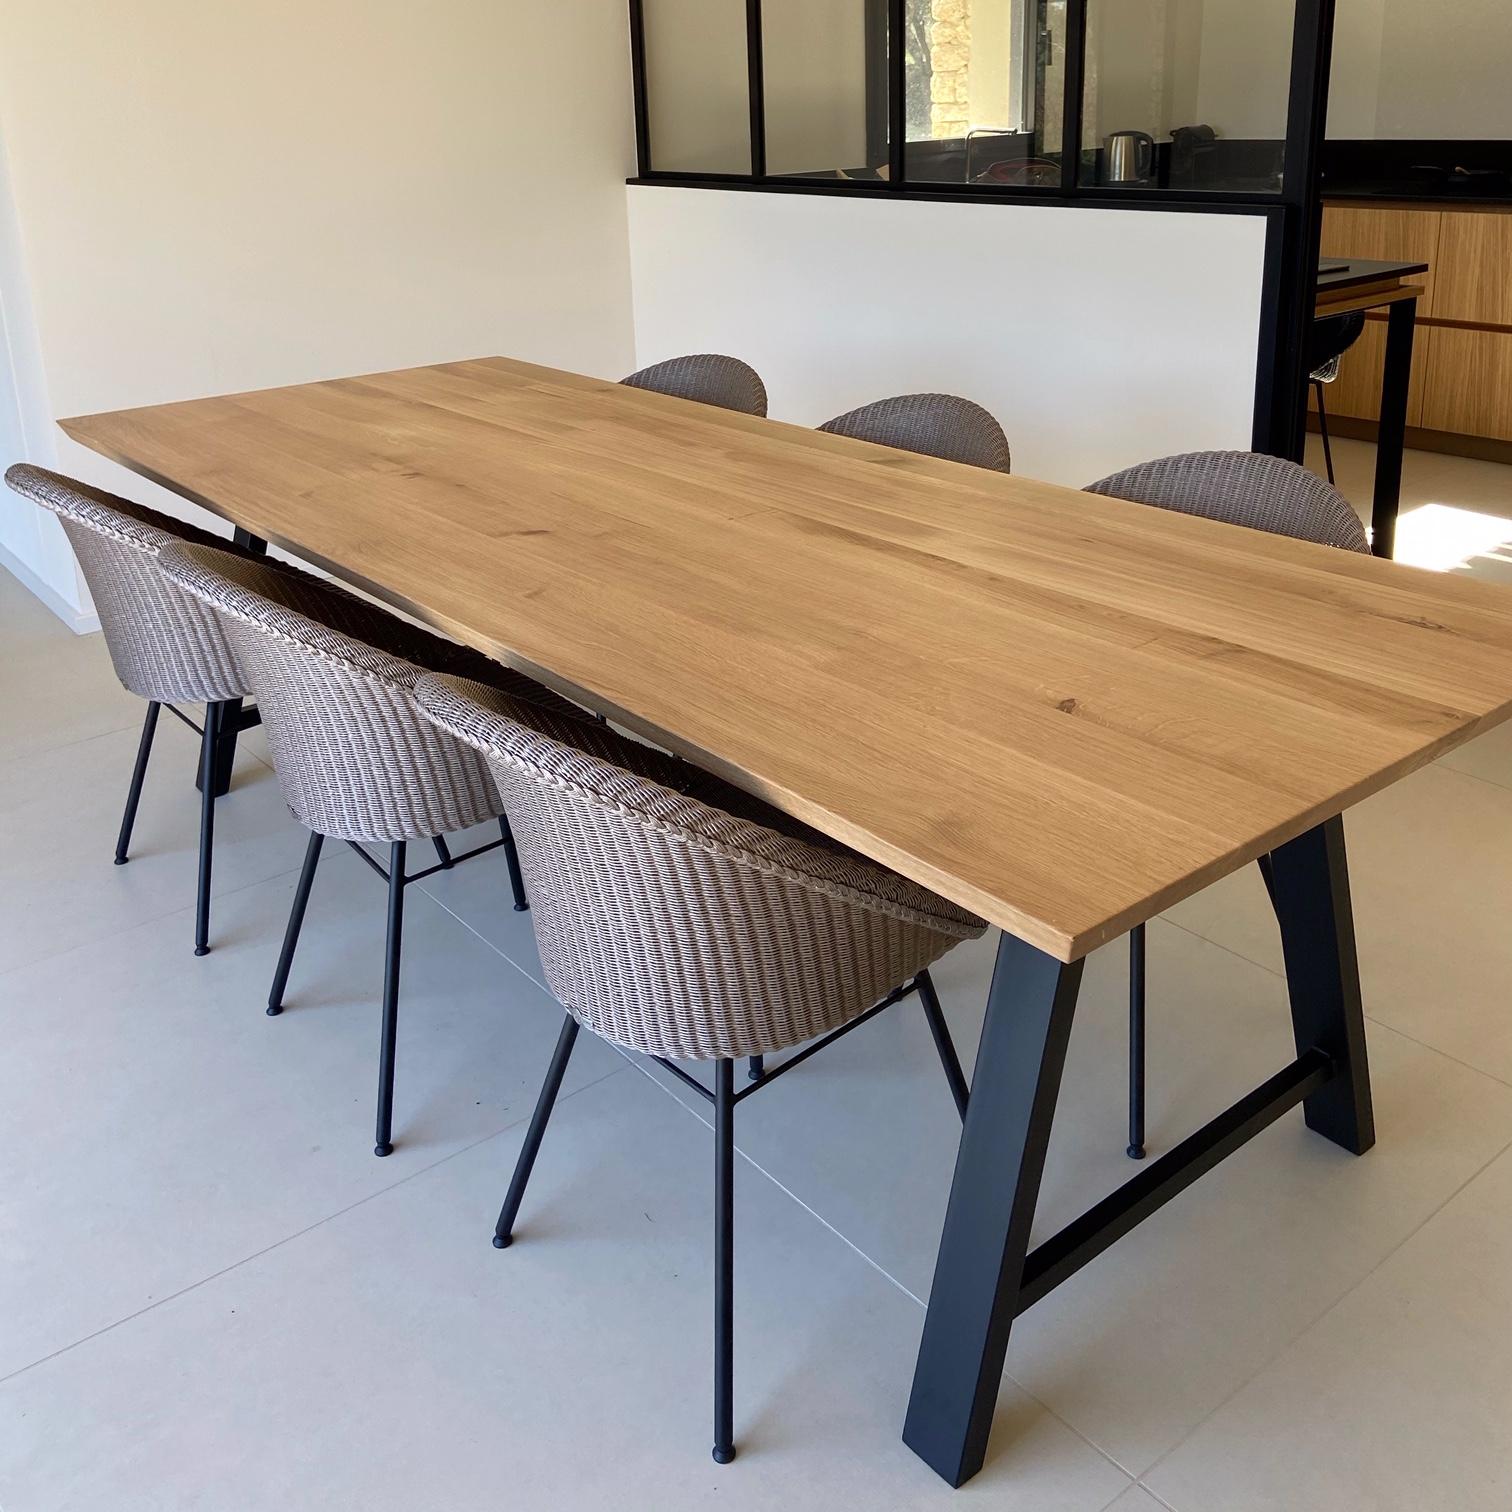 table albertA_joe